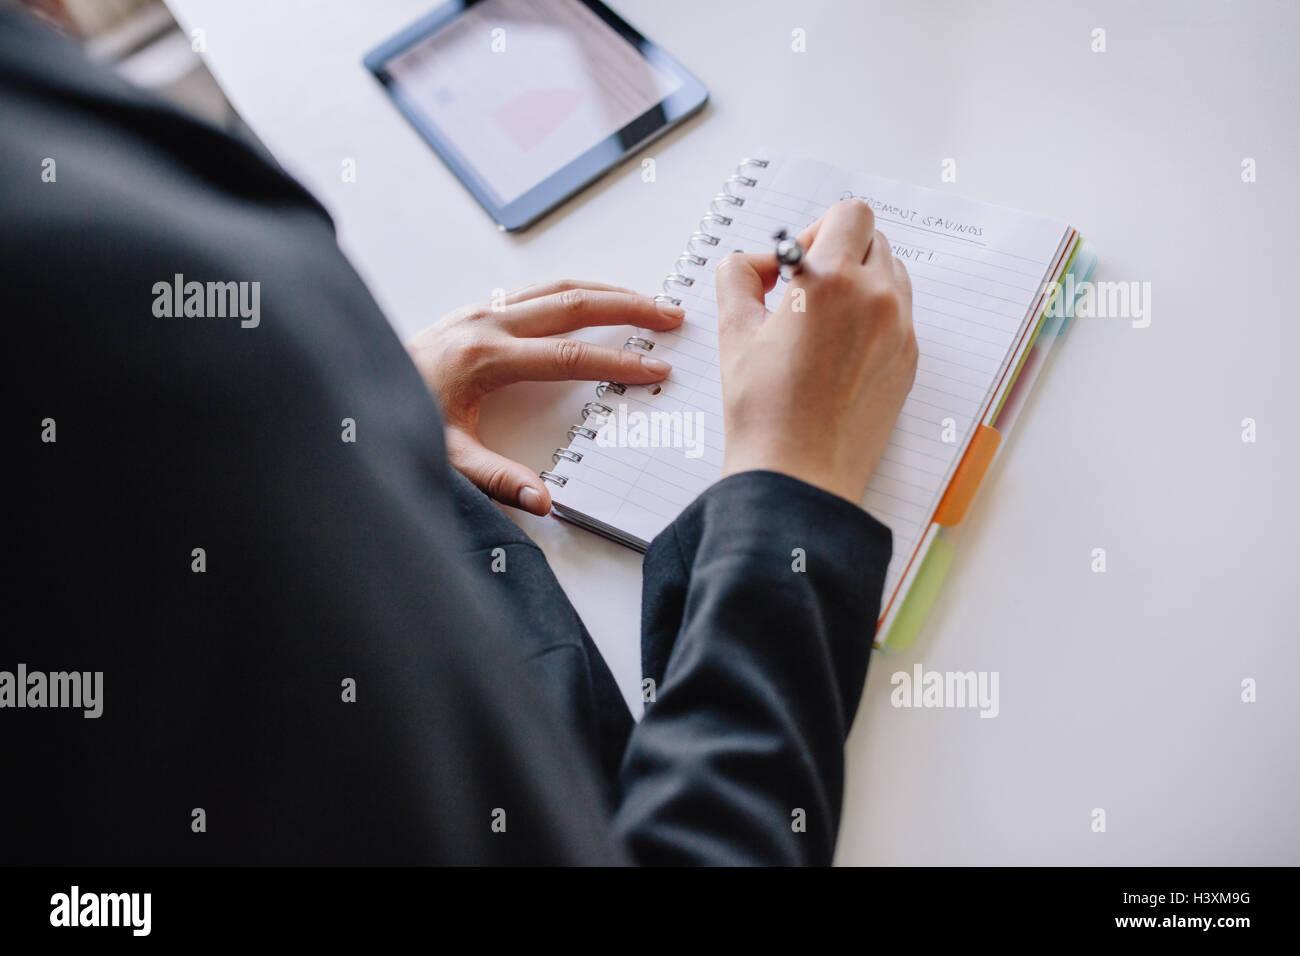 Immagine ravvicinata di giovane imprenditrice mani la scrittura su notepad presso l'ufficio. Femmina di prendere Immagini Stock